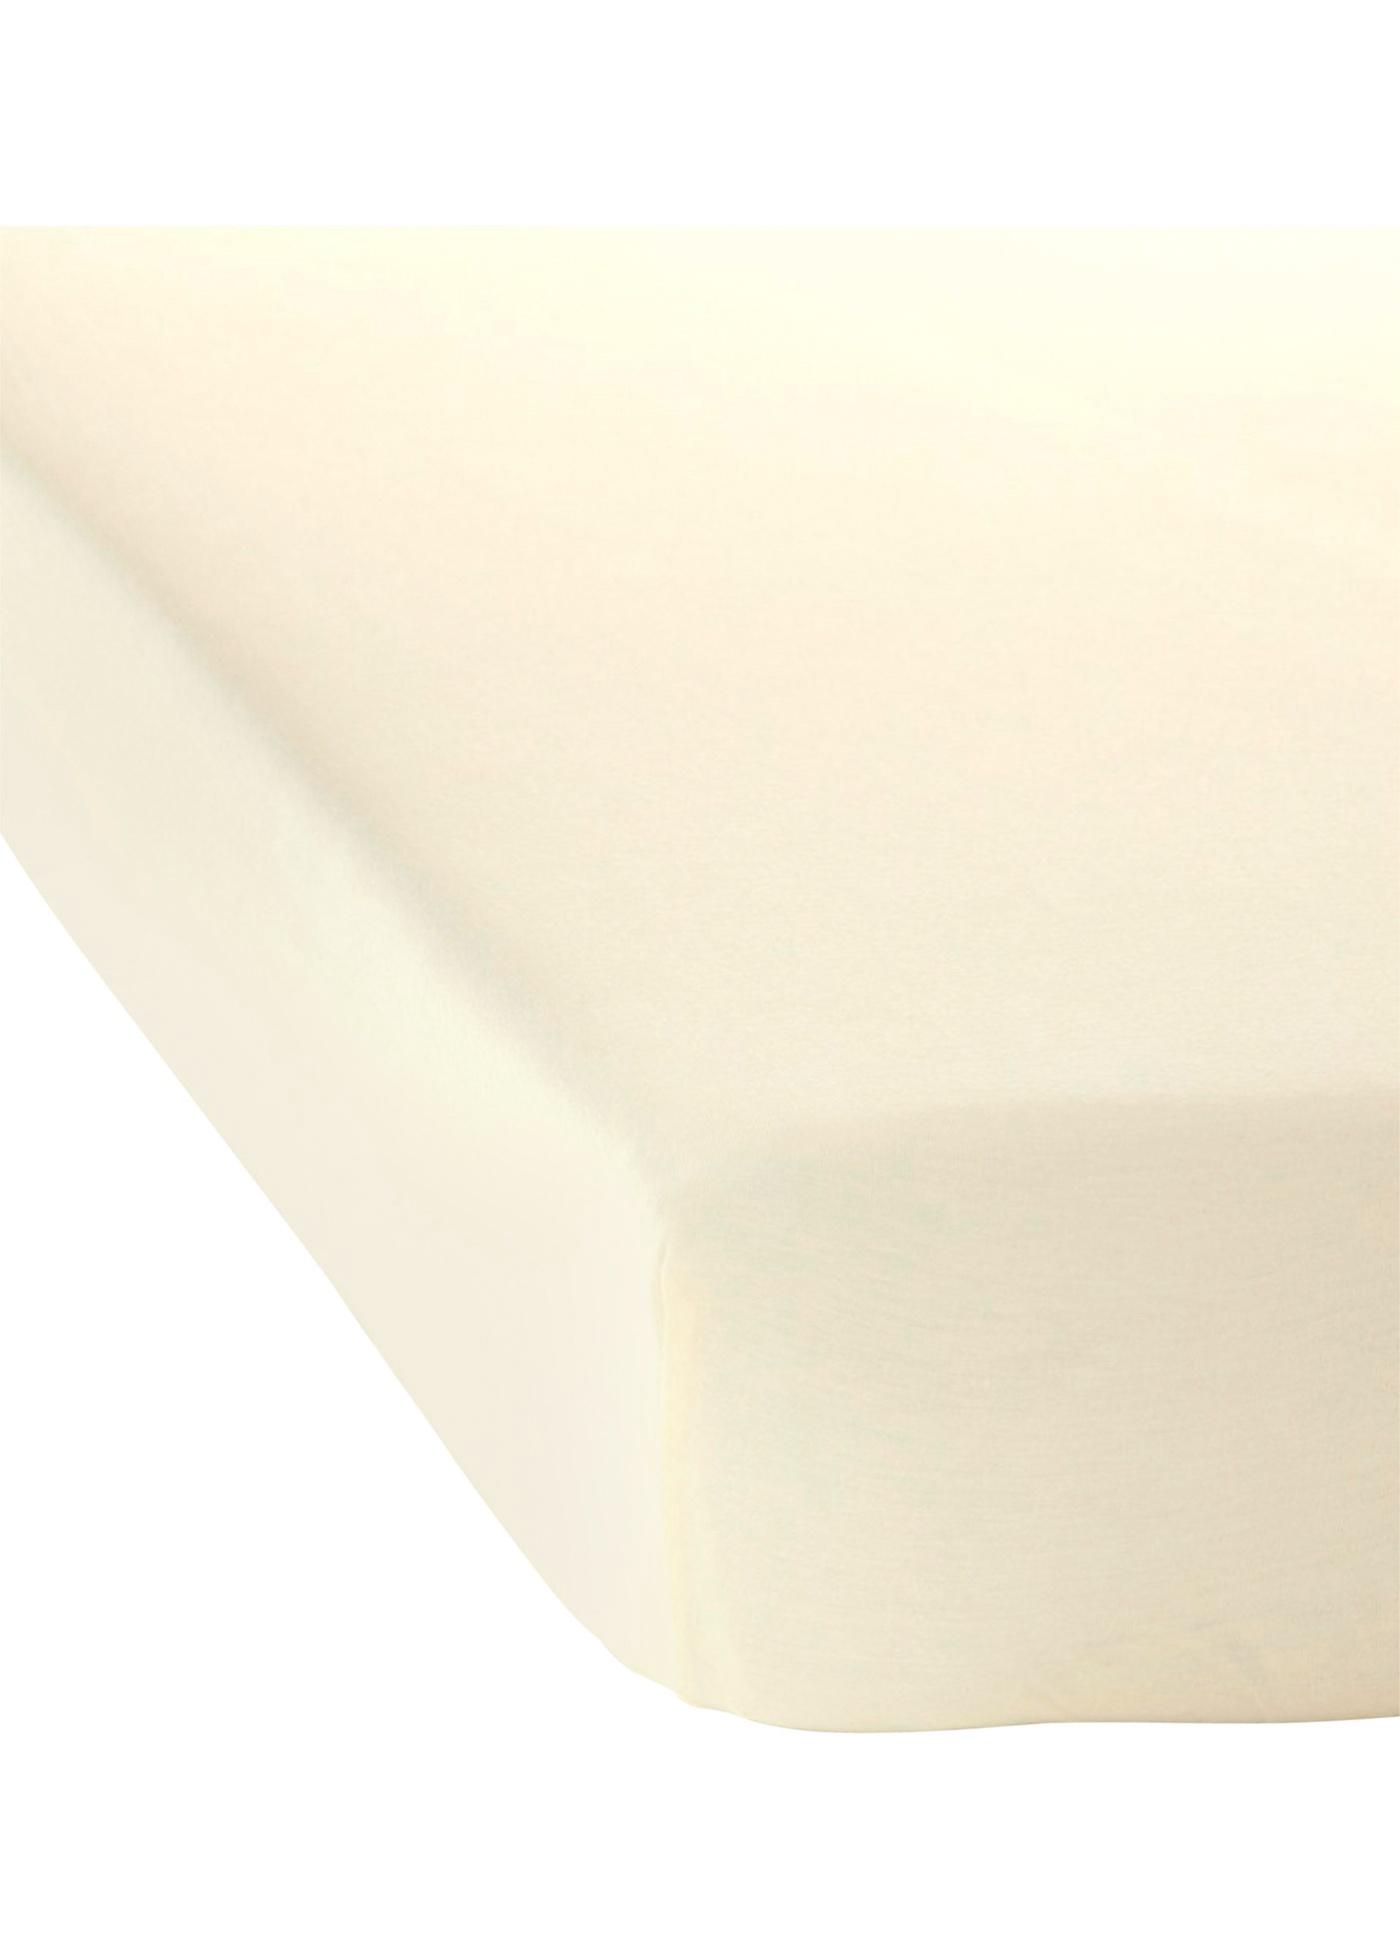 Jersey Spannbettlaken in beige von bonprix